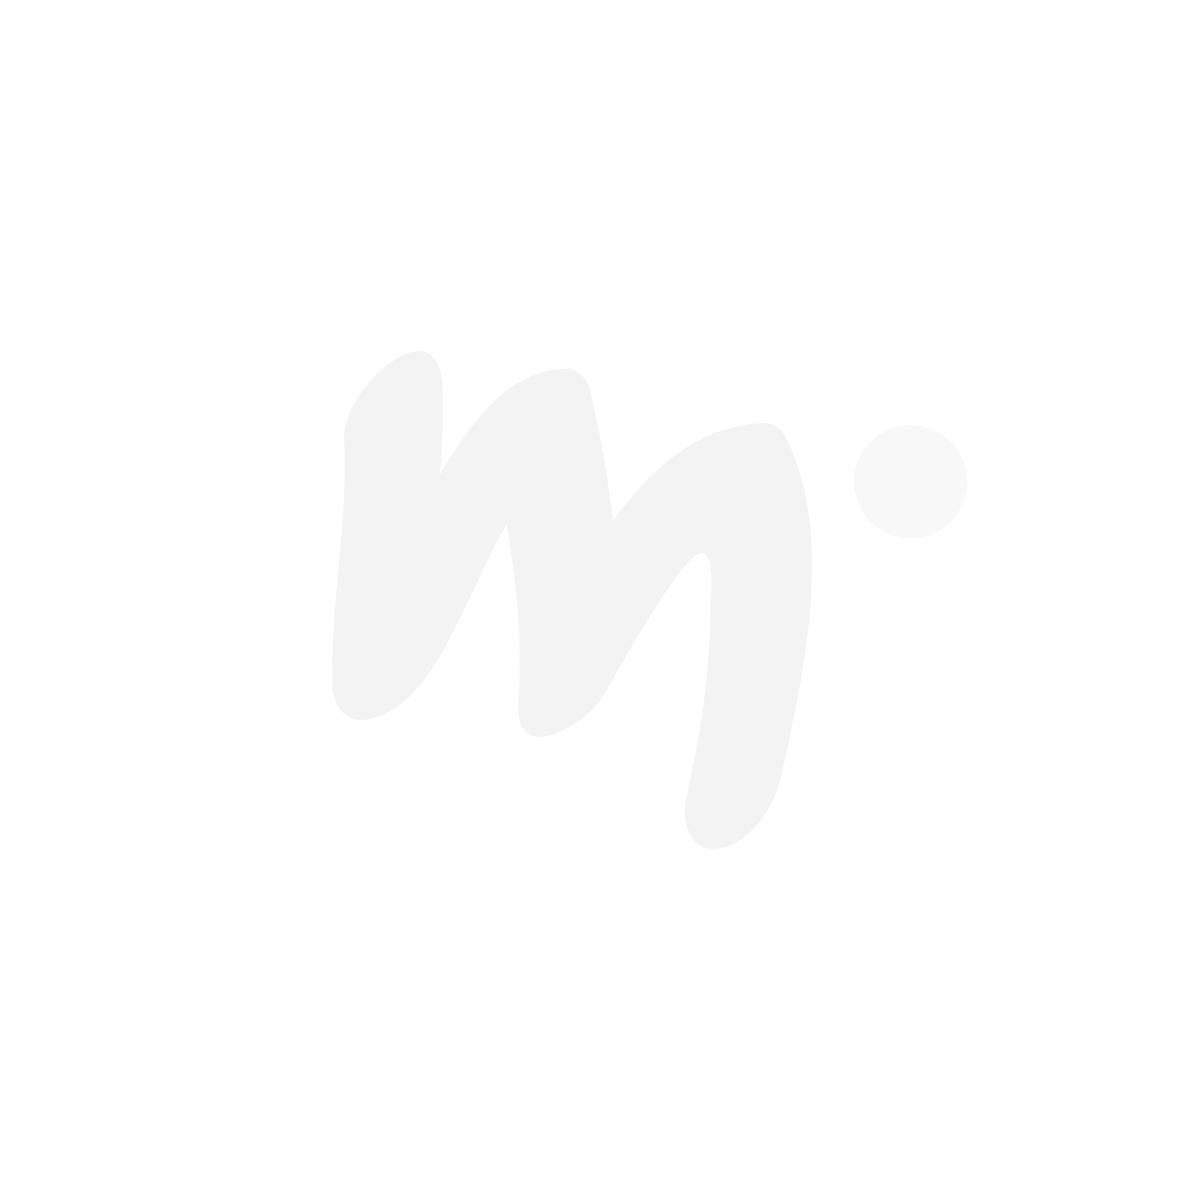 Peppi Pitkätossu Kuisti-uimapuku punainen